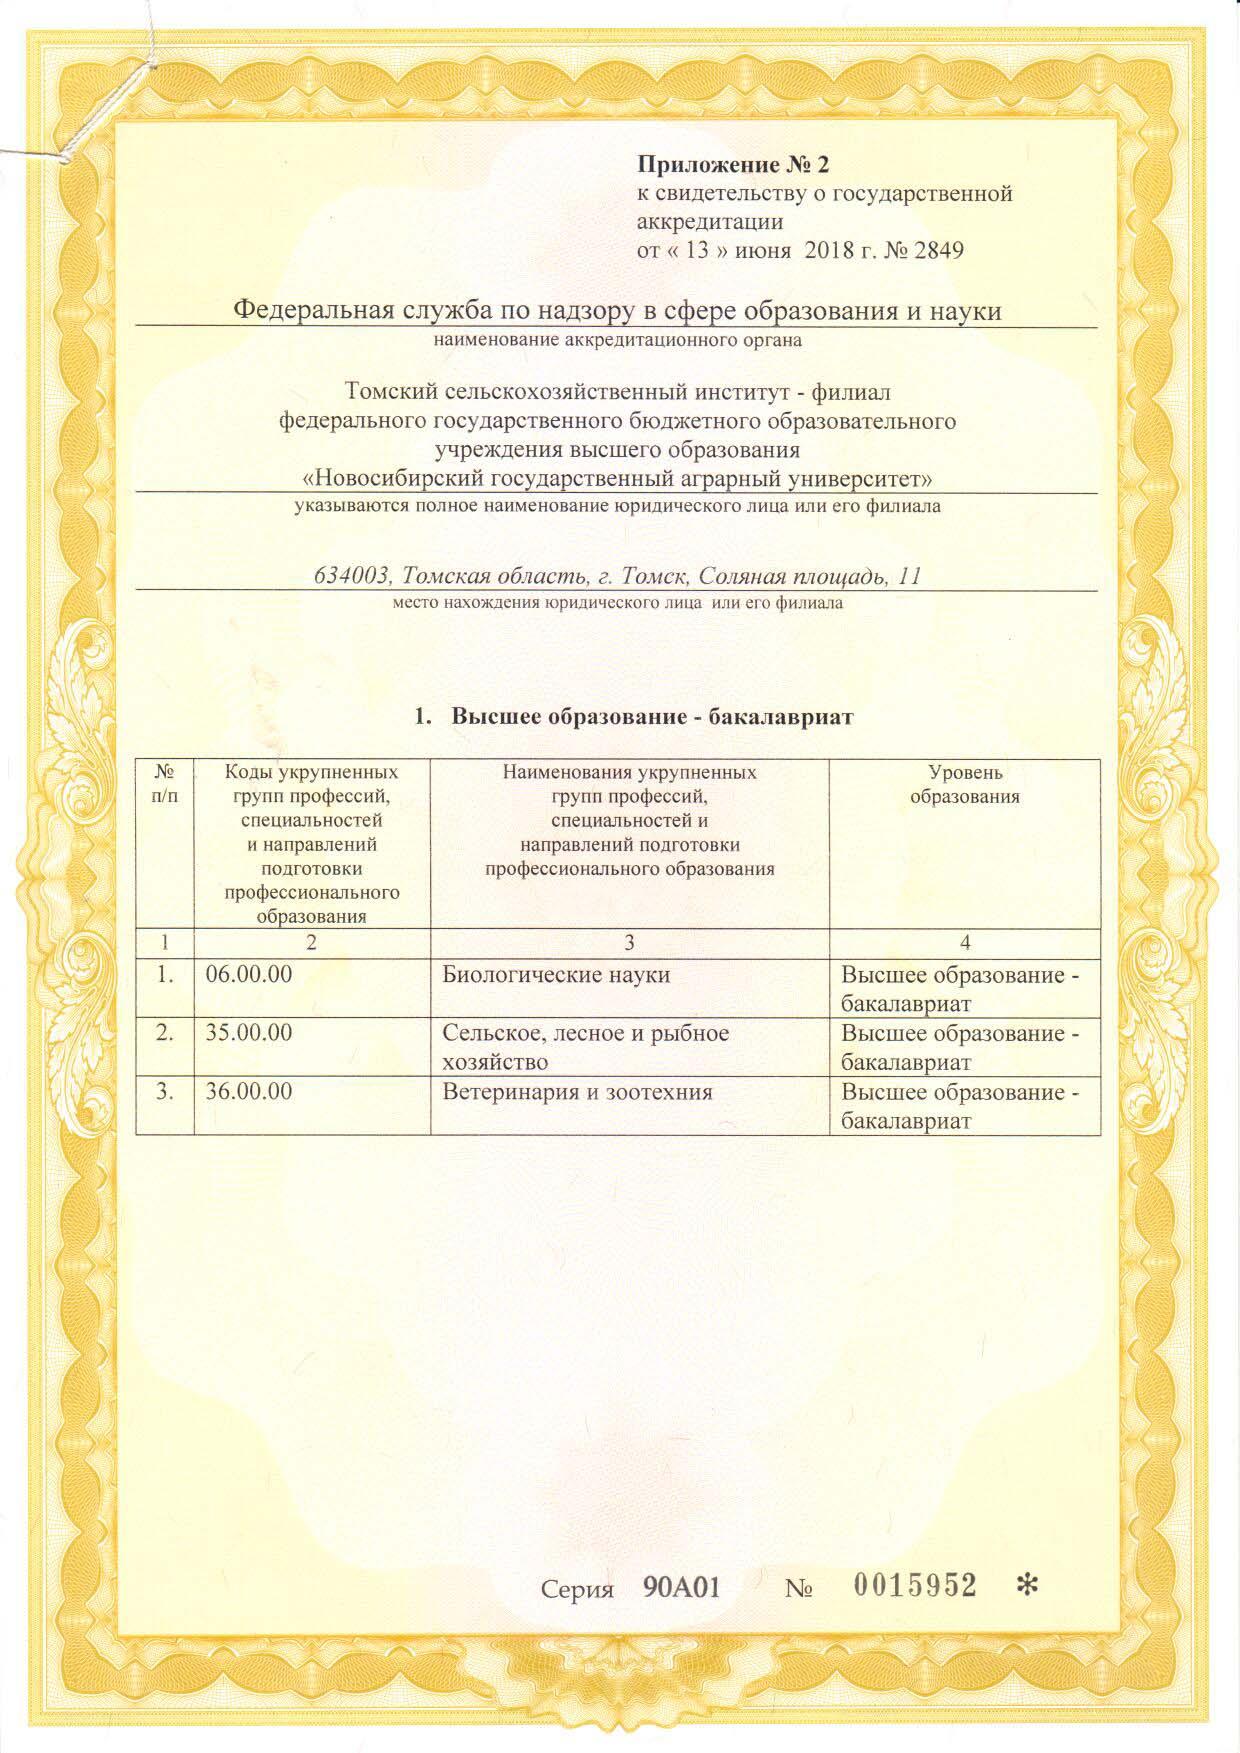 Приложение 2, лист 1